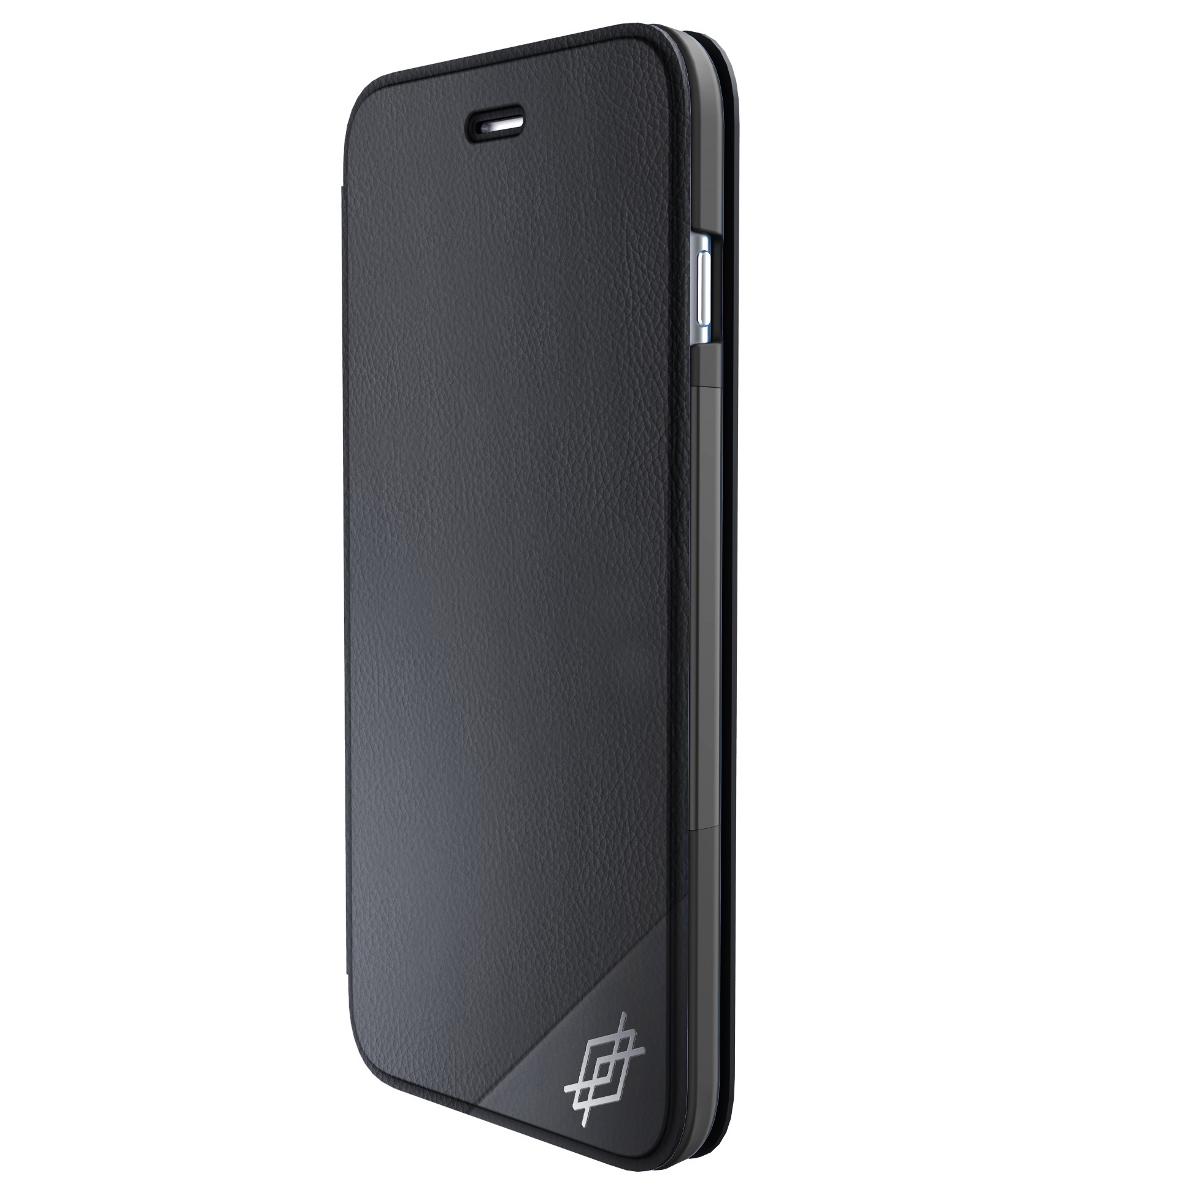 Etui folio Xdoria noir Iphone 6 Plus